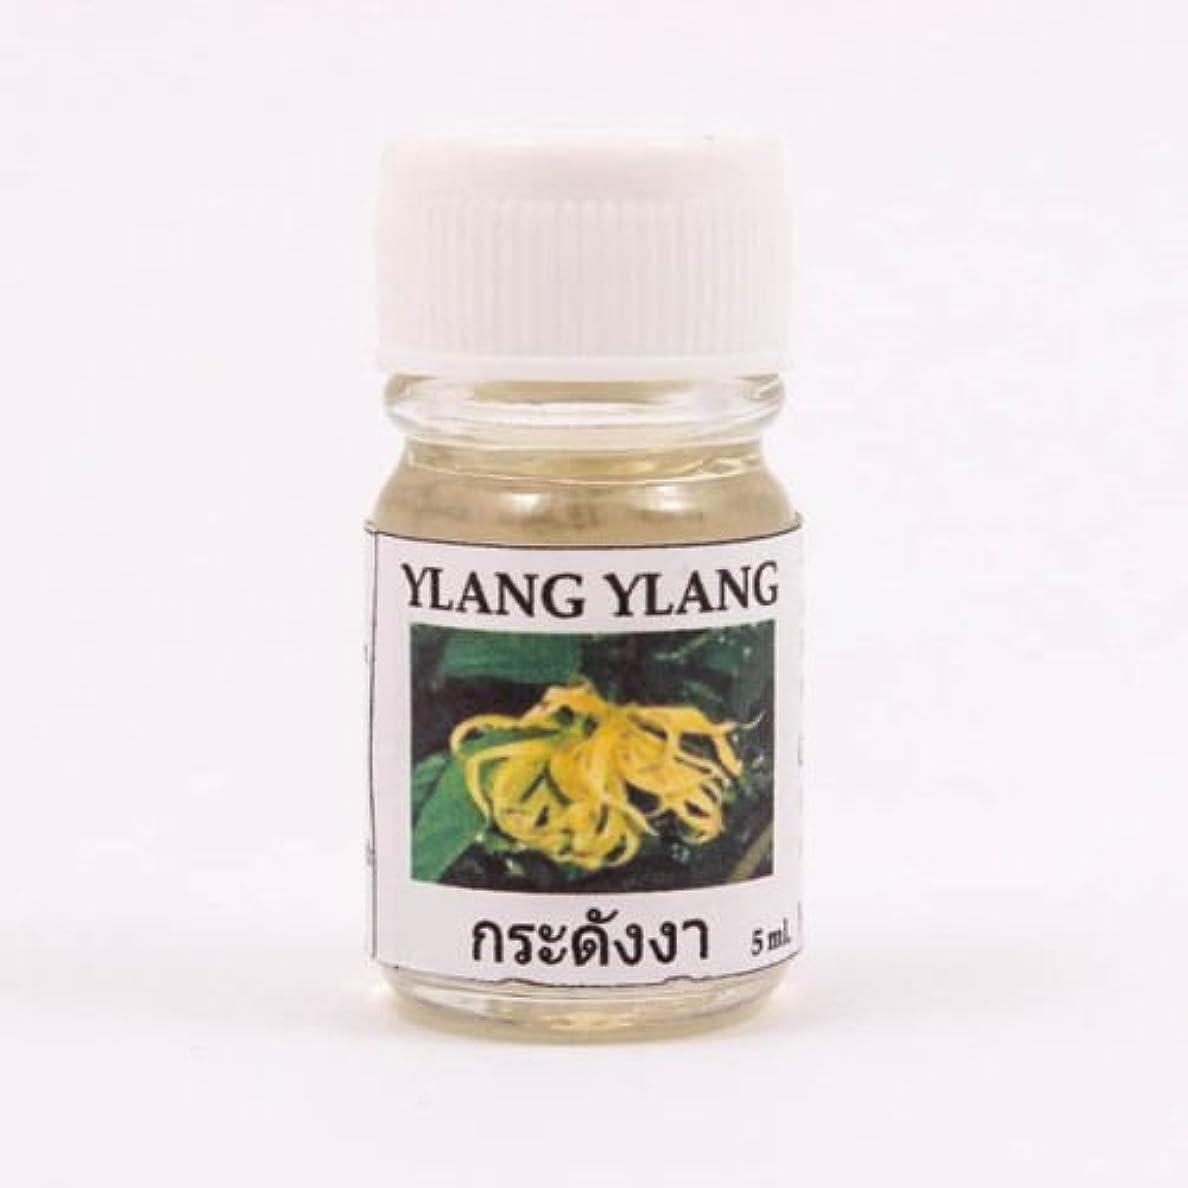 合計理想的構想する6X Ylang Ylang Fragrance Essential Oil 5ML. (cc) Diffuser Burner Therapy